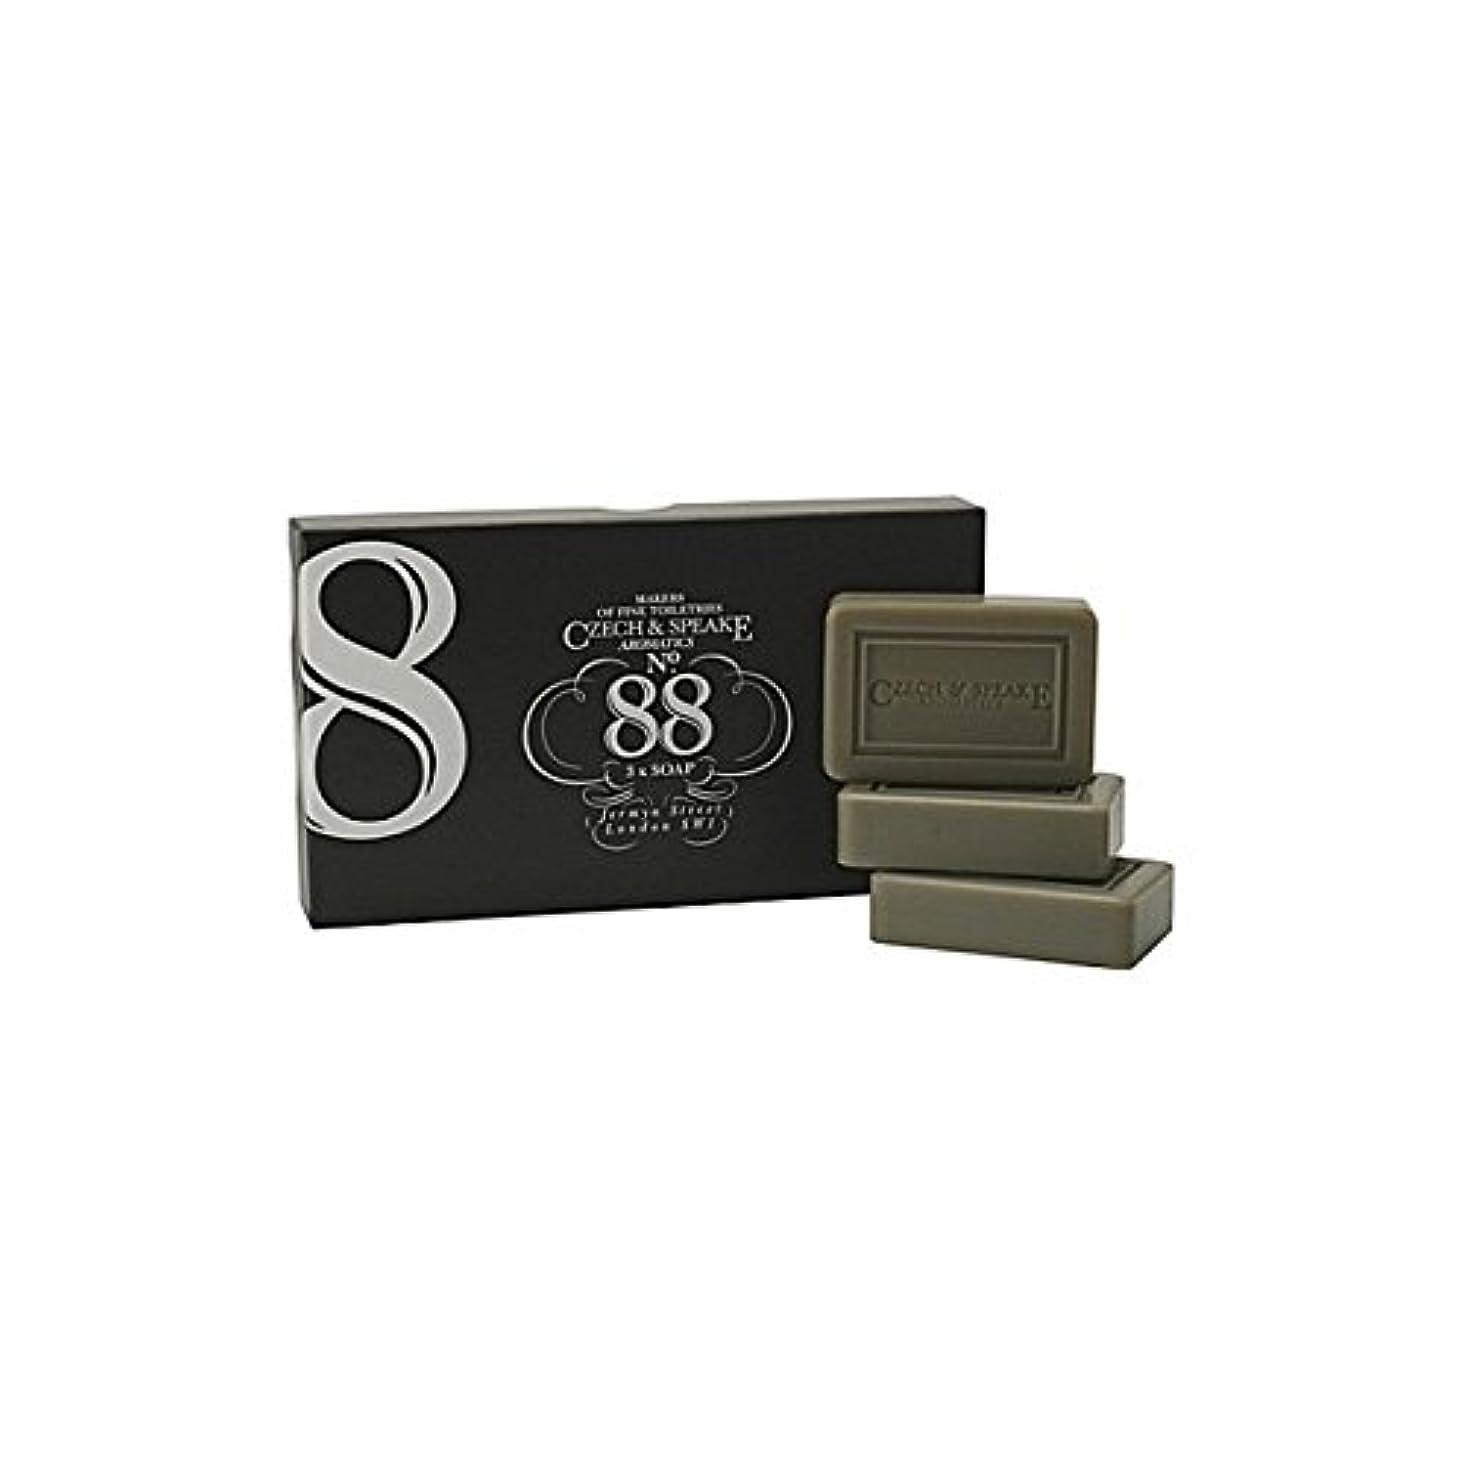 悲しいことに減るラウンジチェコ&スピーク.88ソープセット x4 - Czech & Speake No.88 Soap Set (Pack of 4) [並行輸入品]